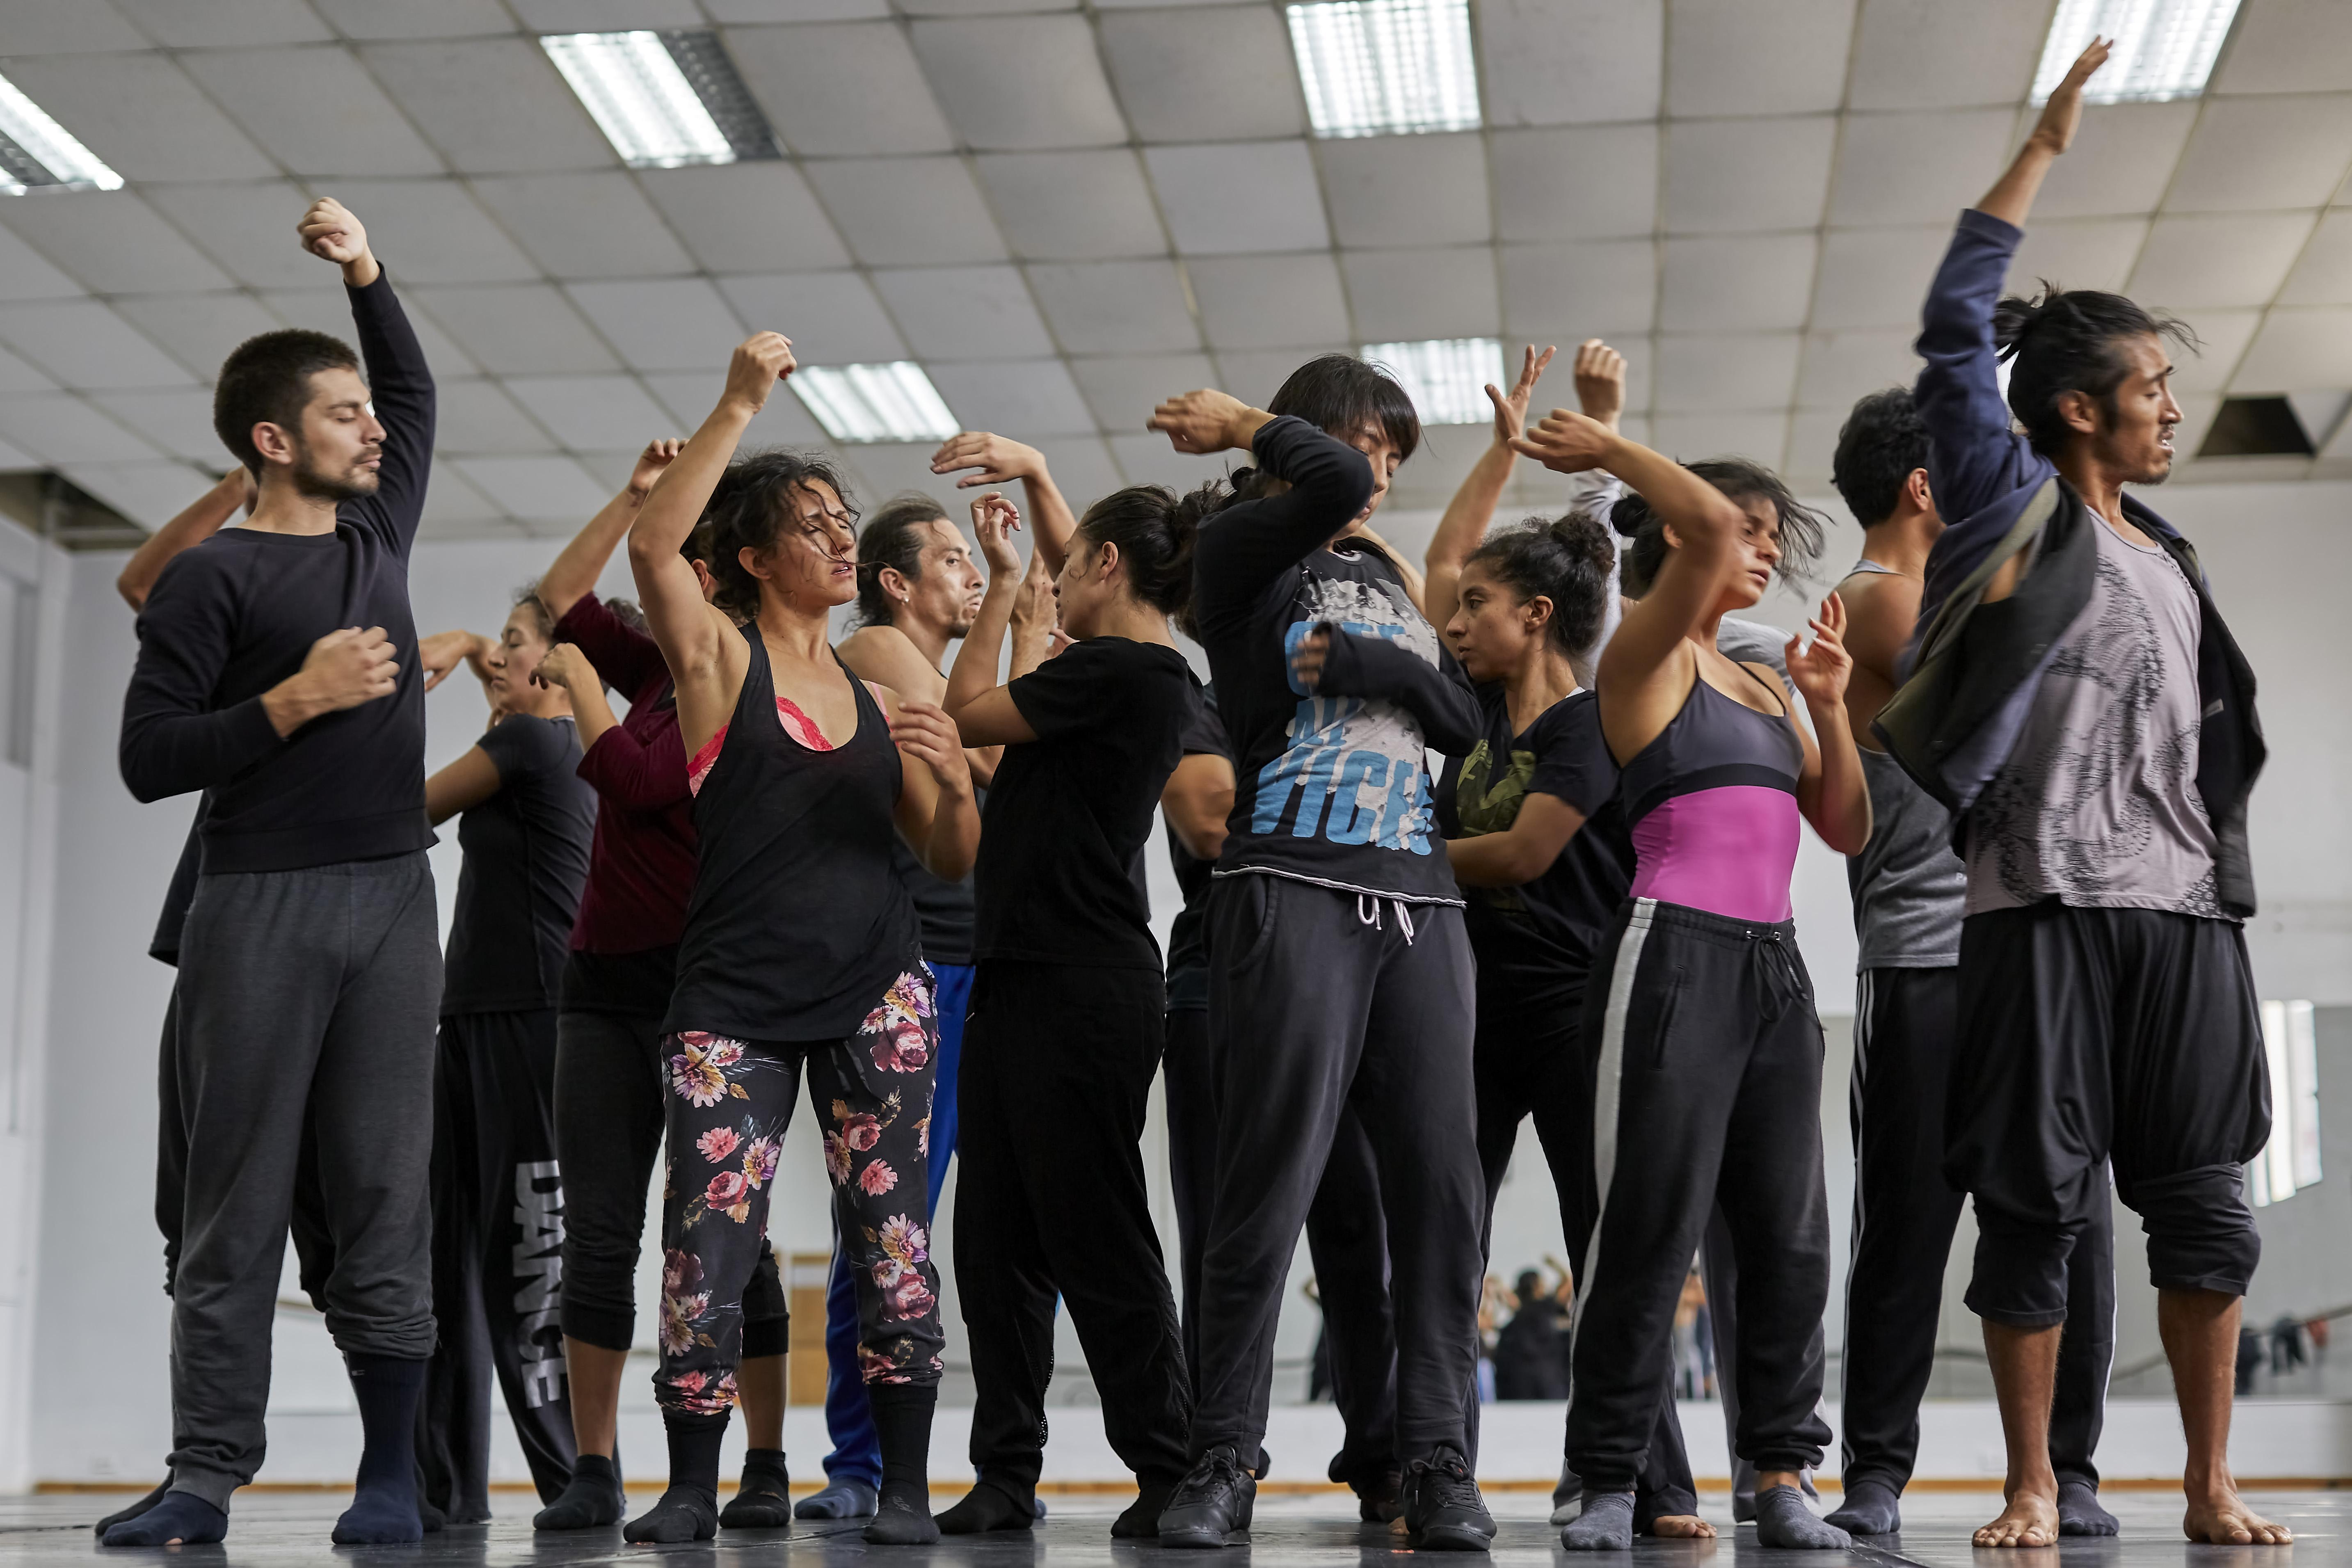 Elenco de la Compañía entrena con #DanzaEnCasa